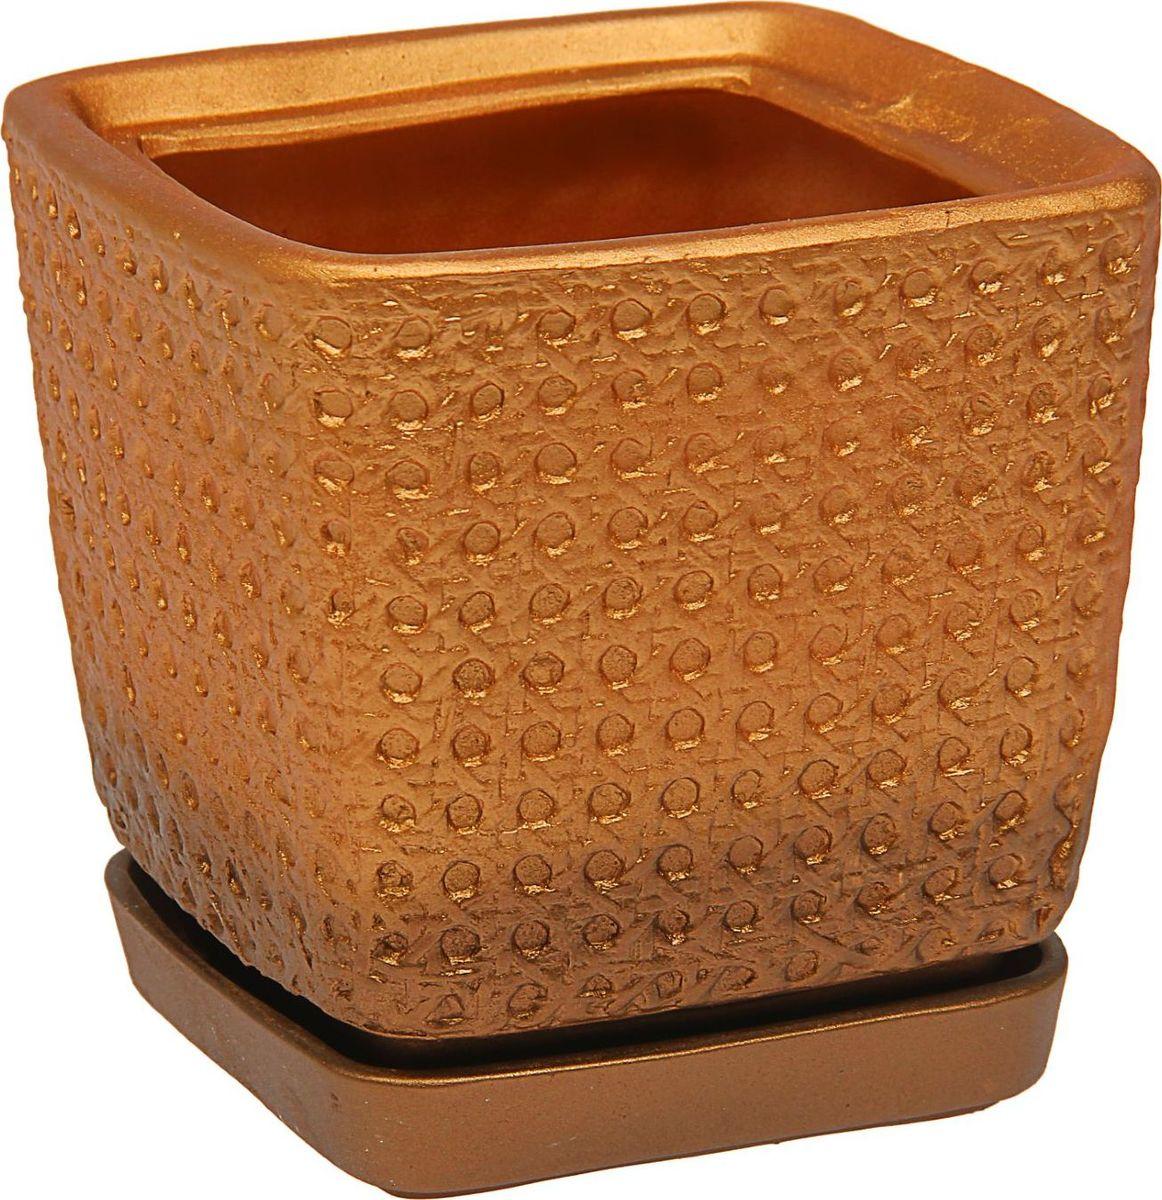 Кашпо Керамика ручной работы Квадрат, цвет: бронзовый, 2 л1465279Комнатные растения — всеобщие любимцы. Они радуют глаз, насыщают помещение кислородом и украшают пространство. Каждому из них необходим свой удобный и красивый дом. Кашпо из керамики прекрасно подходят для высадки растений: за счёт пластичности глины и разных способов обработки существует великое множество форм и дизайновпористый материал позволяет испаряться лишней влагевоздух, необходимый для дыхания корней, проникает сквозь керамические стенки! #name# позаботится о зелёном питомце, освежит интерьер и подчеркнёт его стиль.